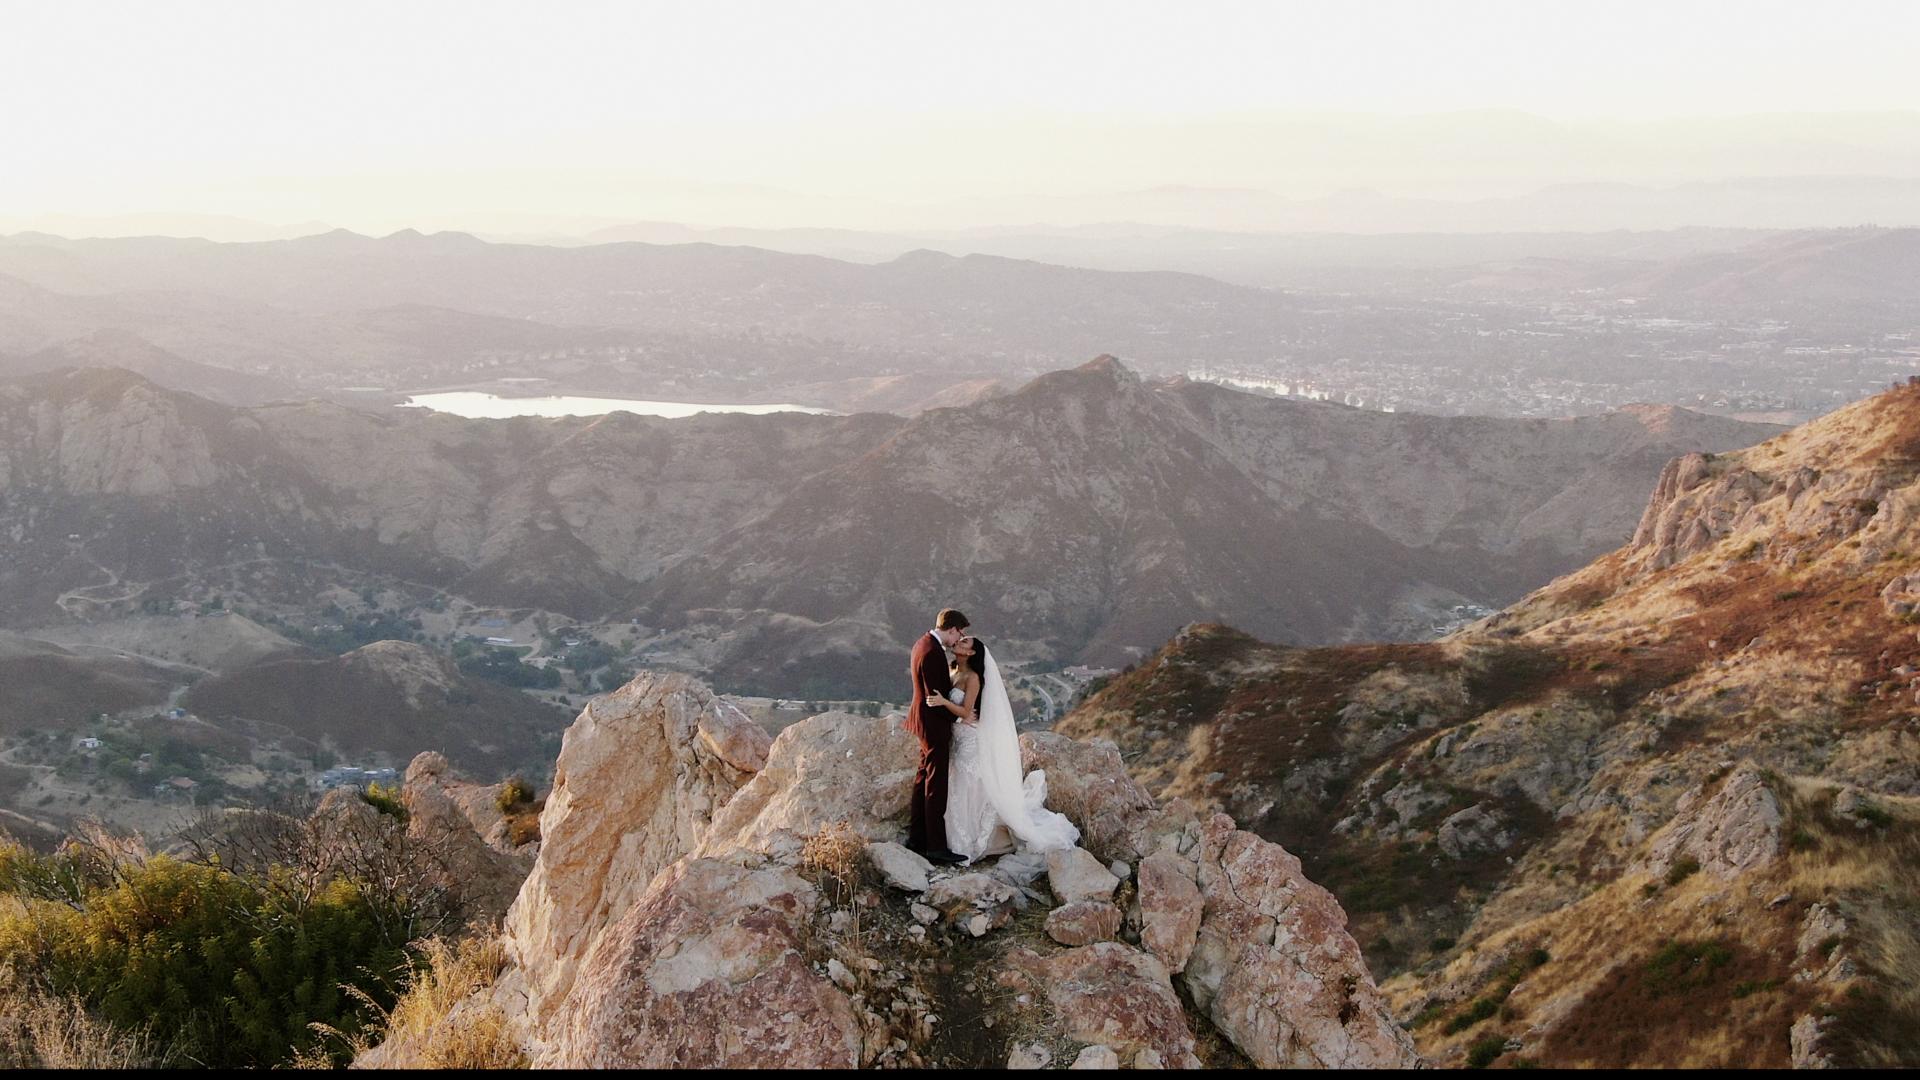 Kyla + Thomas | Malibu, California | Malibu Rocky Oaks